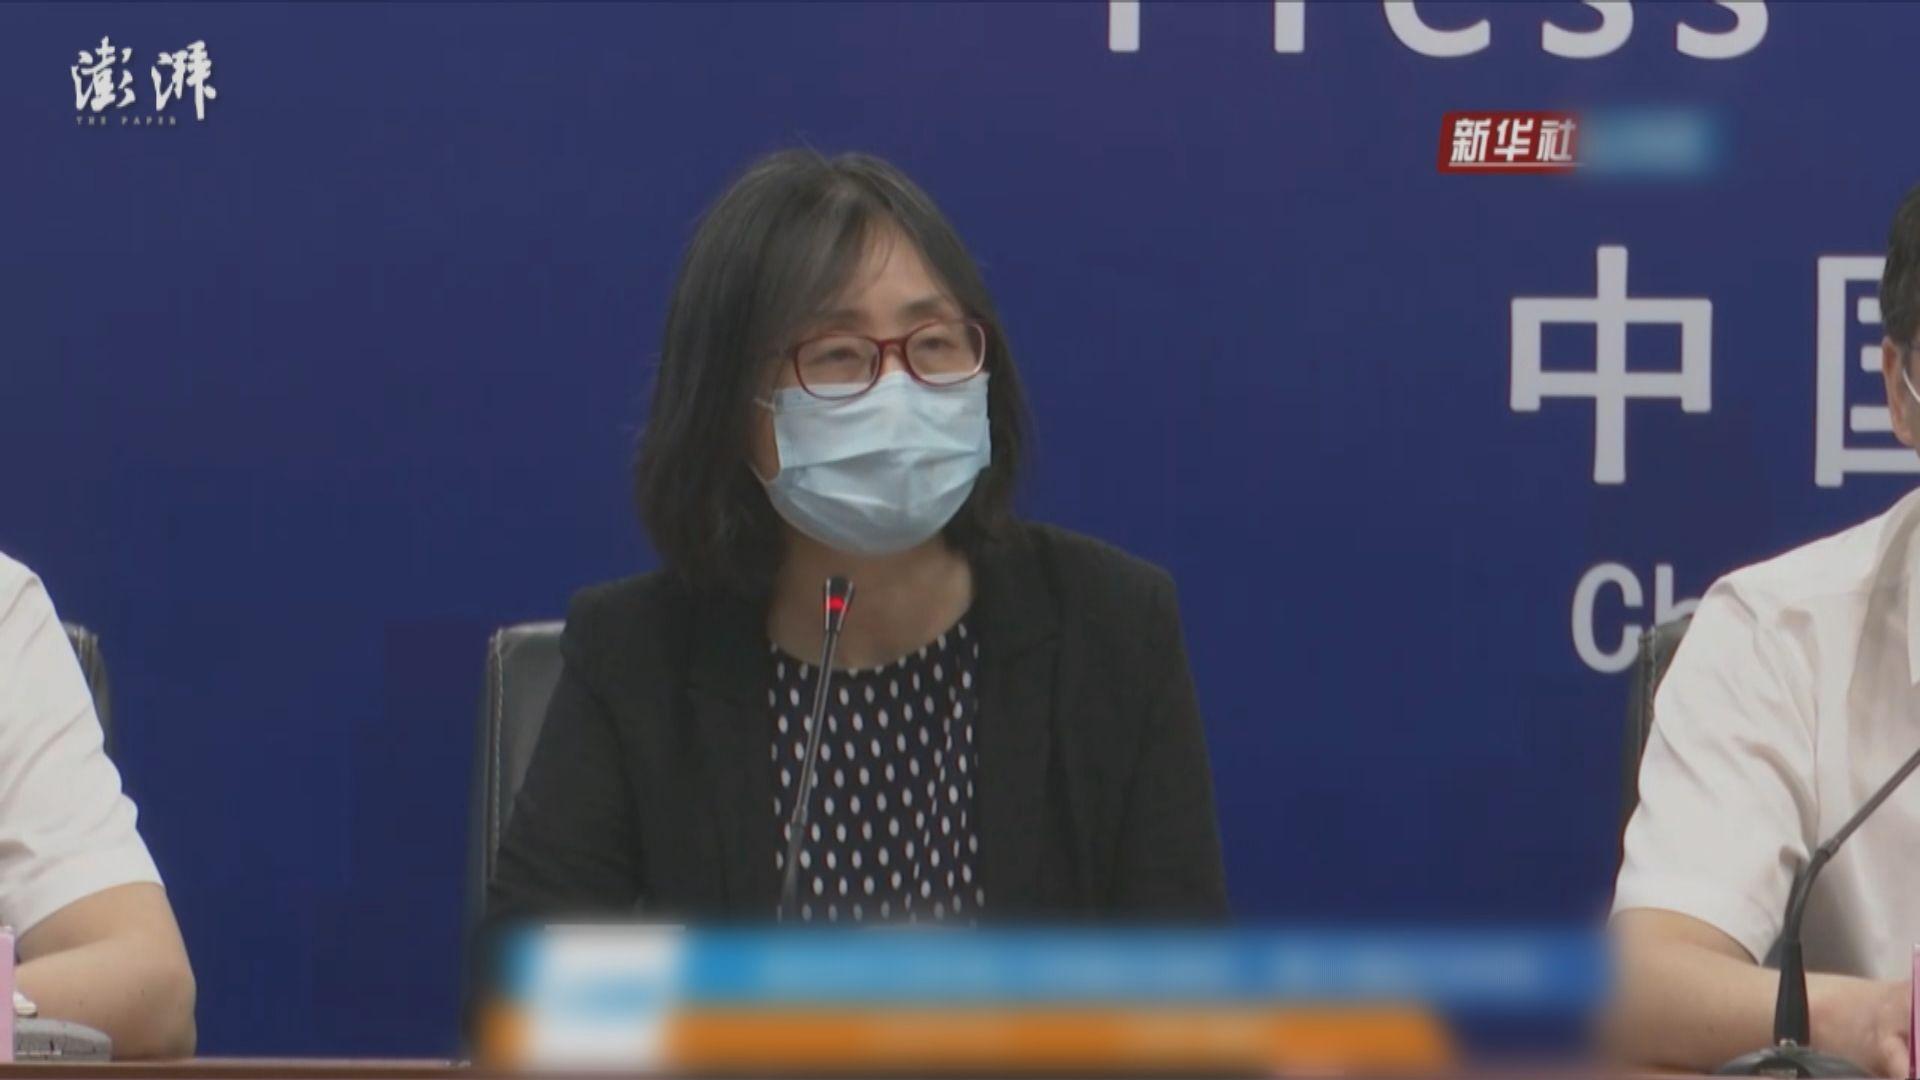 張家界「封城」 南京疾控:疫情源頭為俄羅斯入境航班